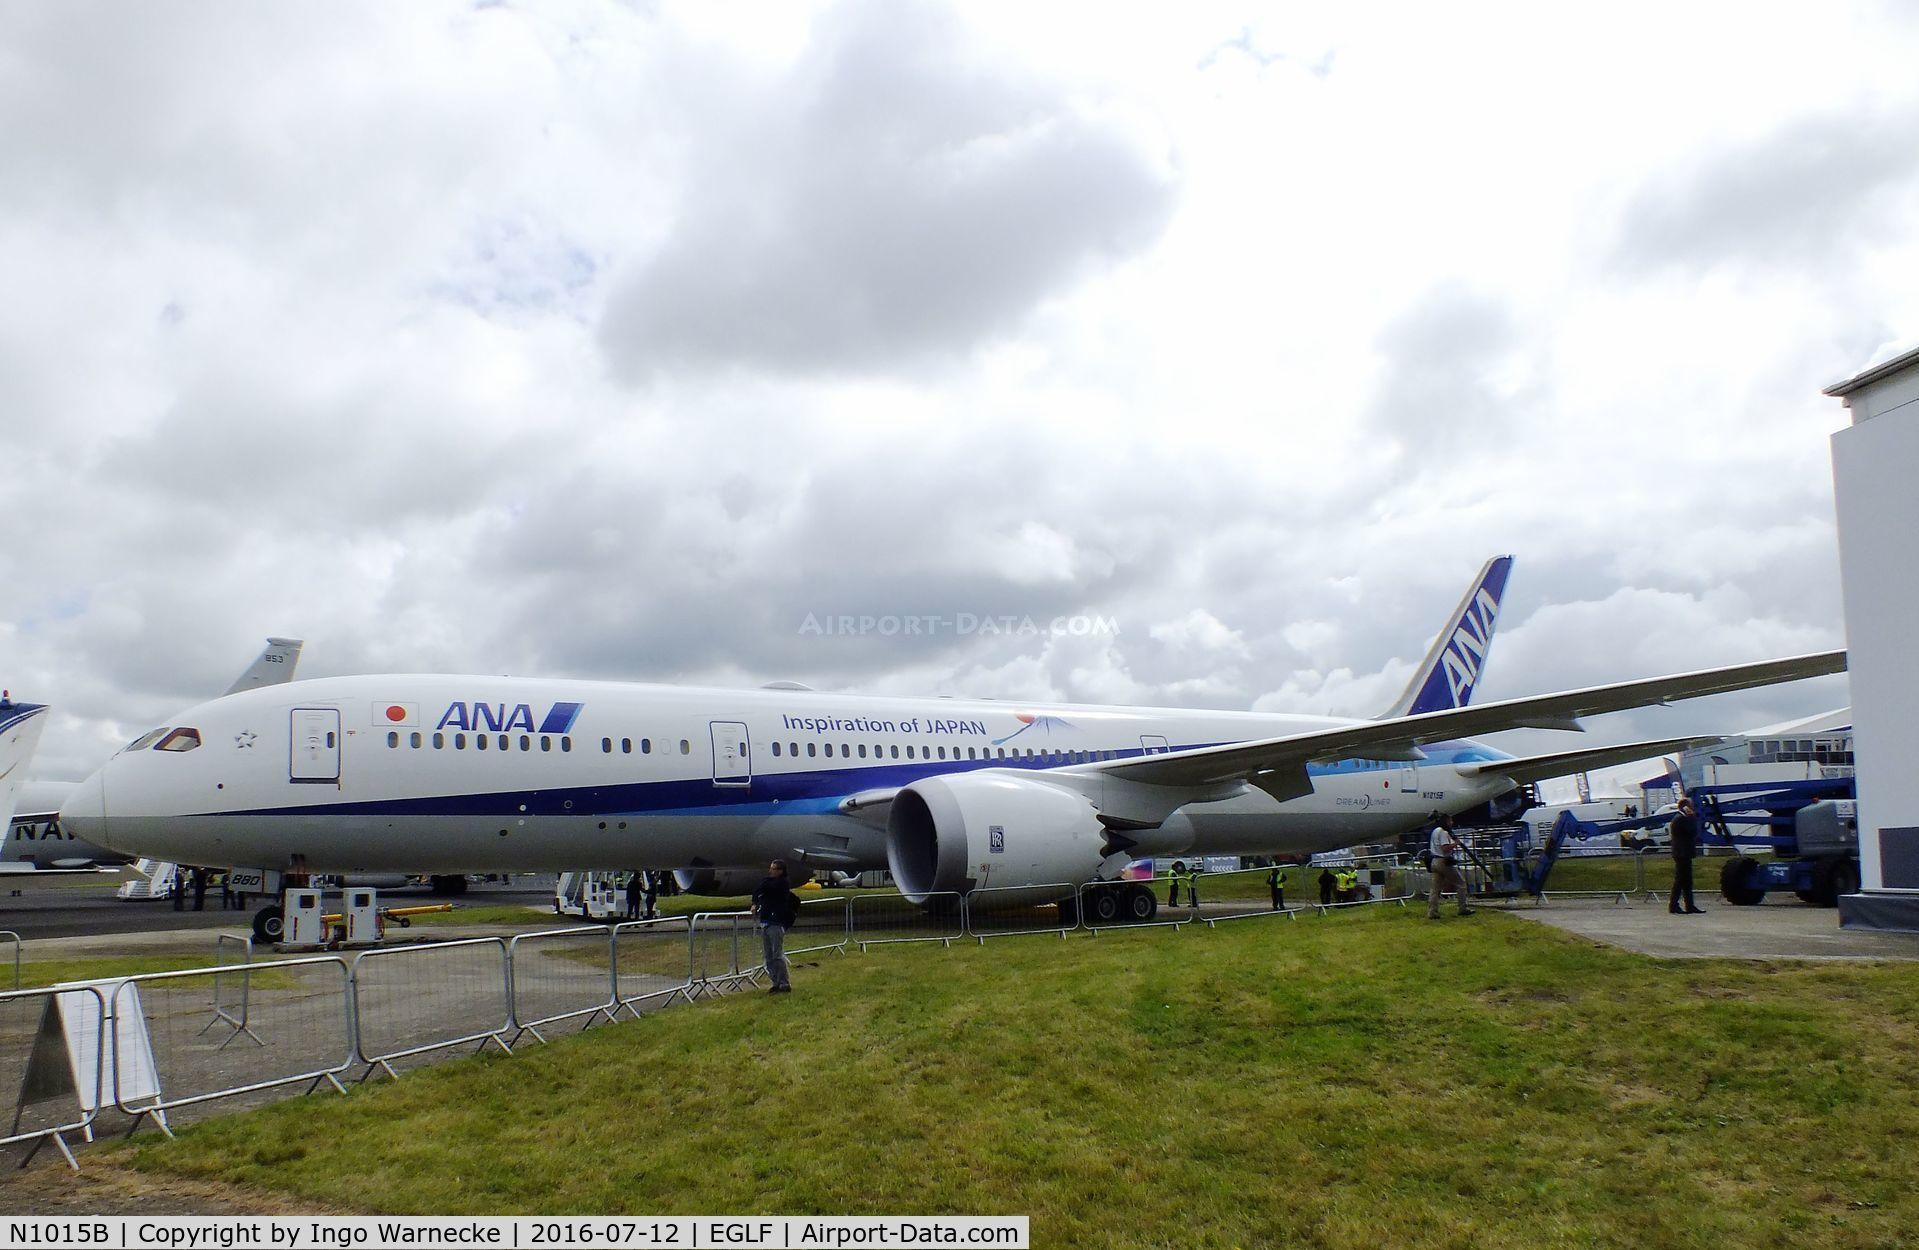 N1015B, 2016 Boeing 787-9 Dreamliner C/N 34533, Boeing 787-9 of All Nippon Airways at Farnborough International 2016